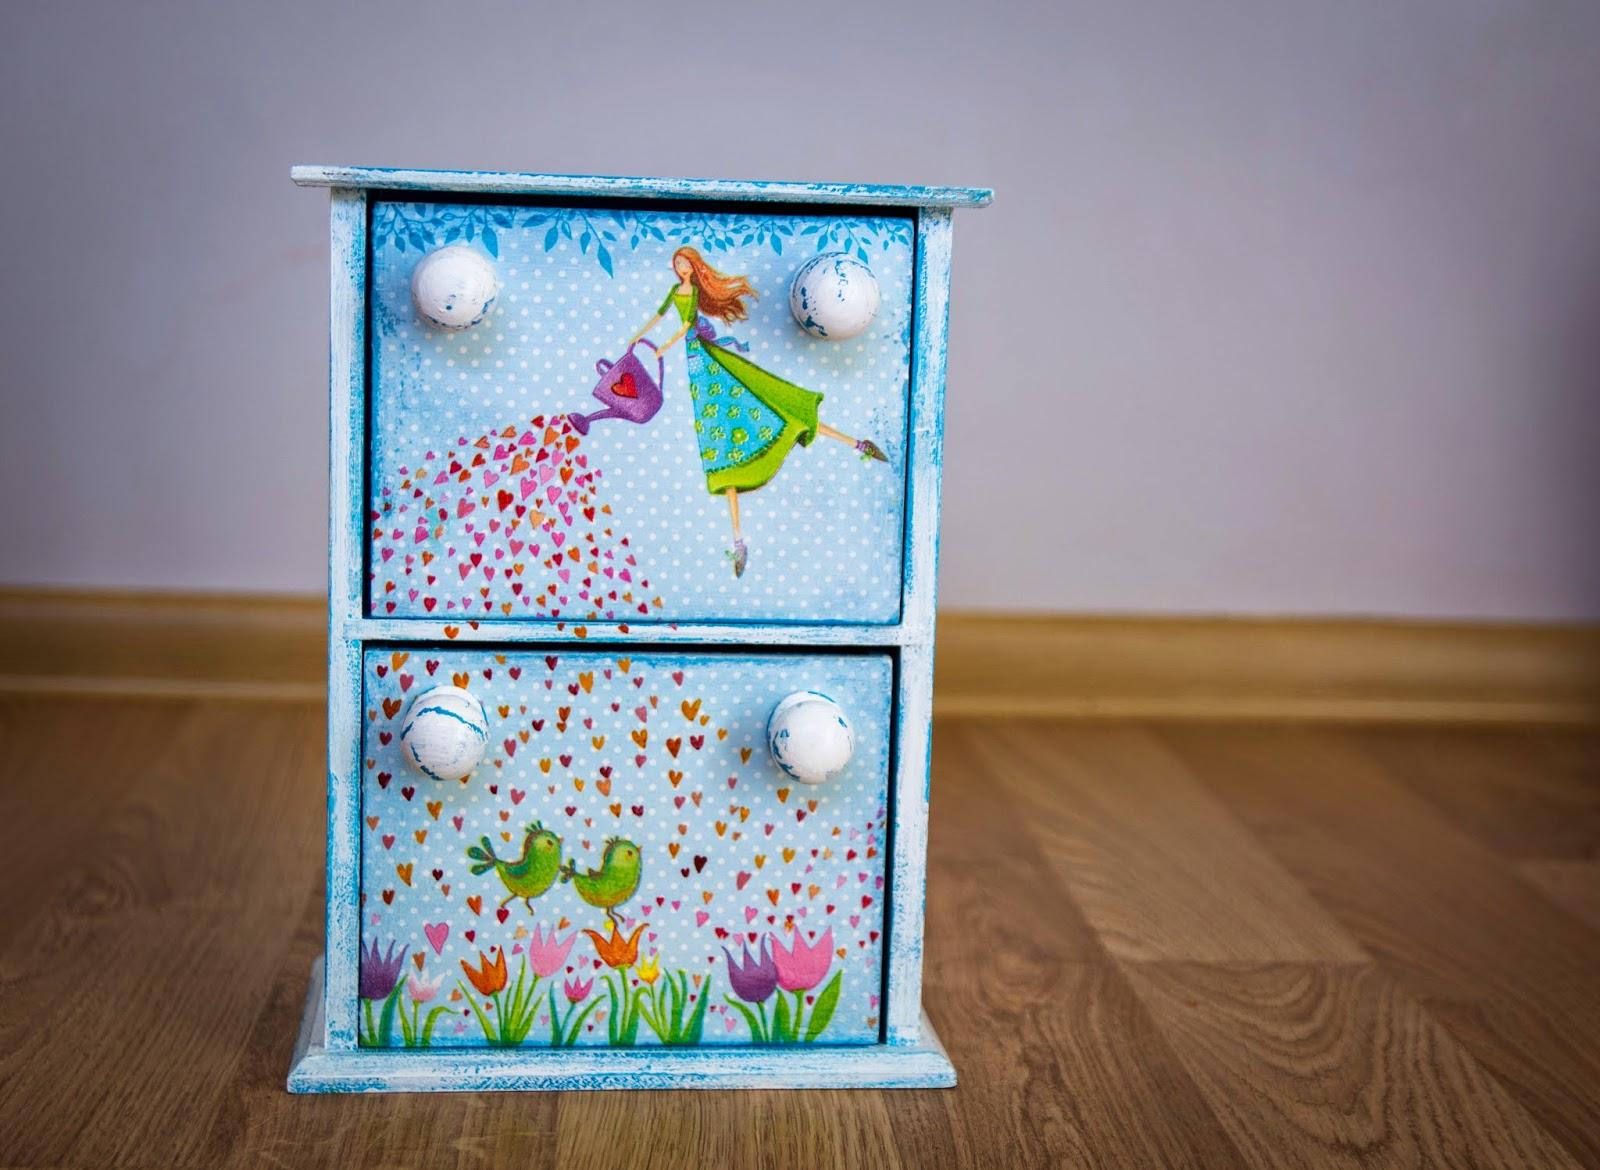 мини-комодик, декор для детской, романтичный декор, сердечки, птички, феи, тюльпаны, листья, горошки